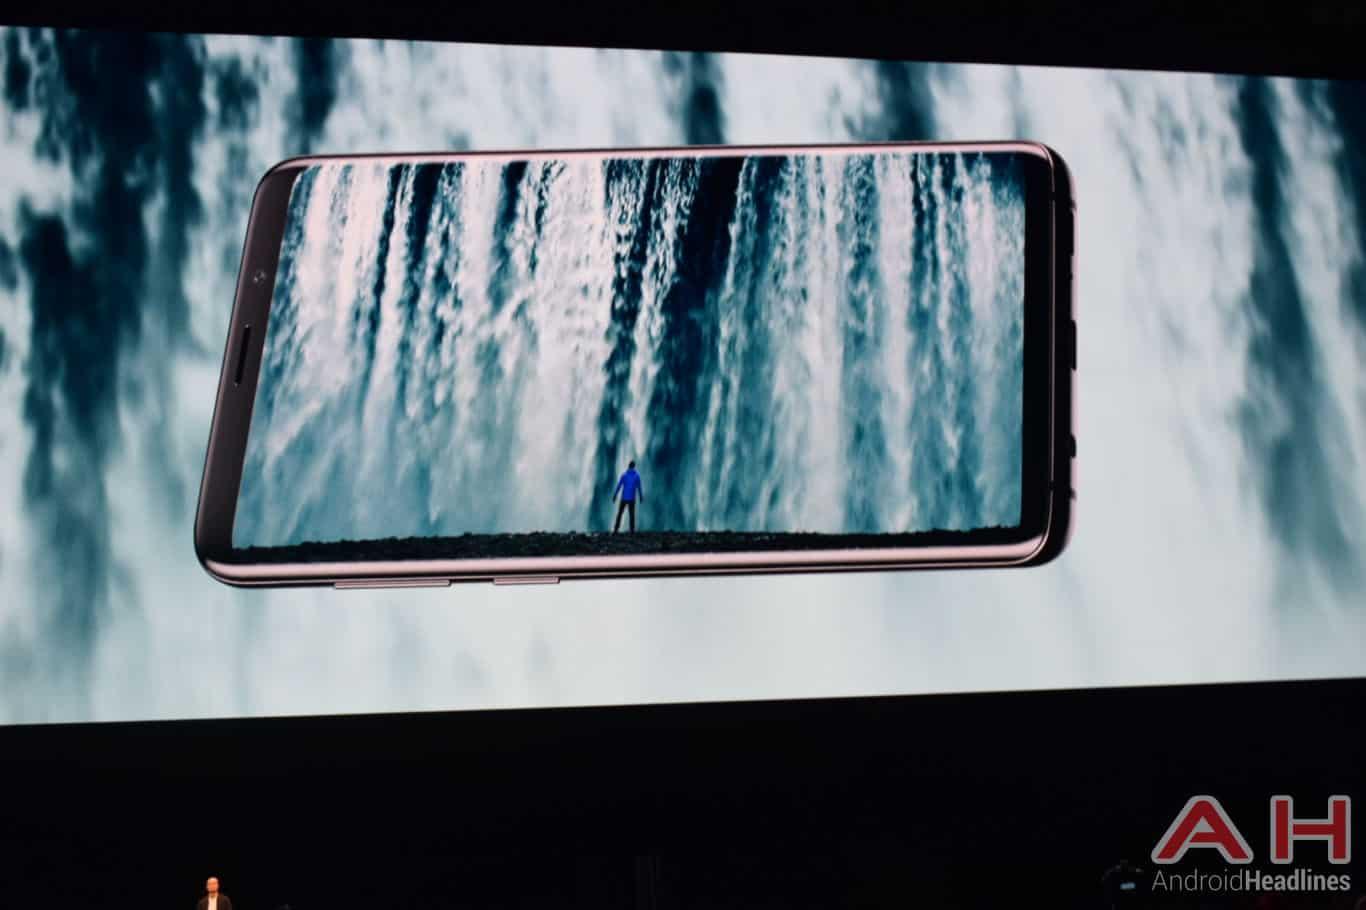 Samsung Galaxy S9 Plus MWC Batch 2 AH 2